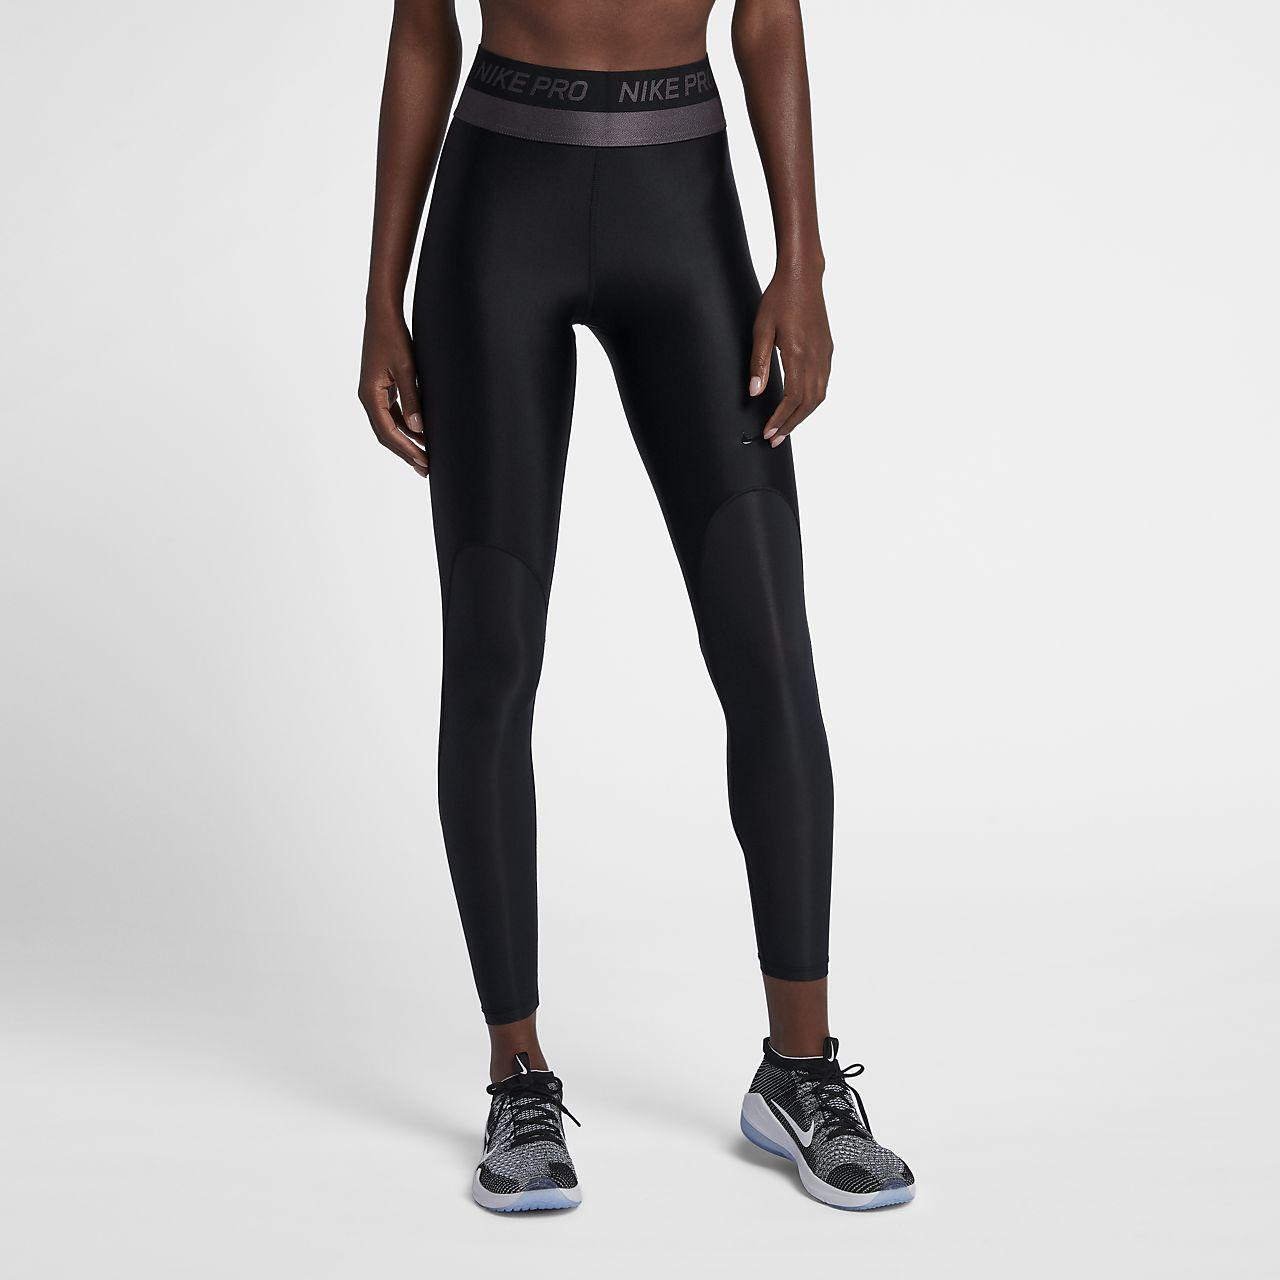 Nike Pro HyperCool Trainings-Tights mit halbhohem Bund für Damen